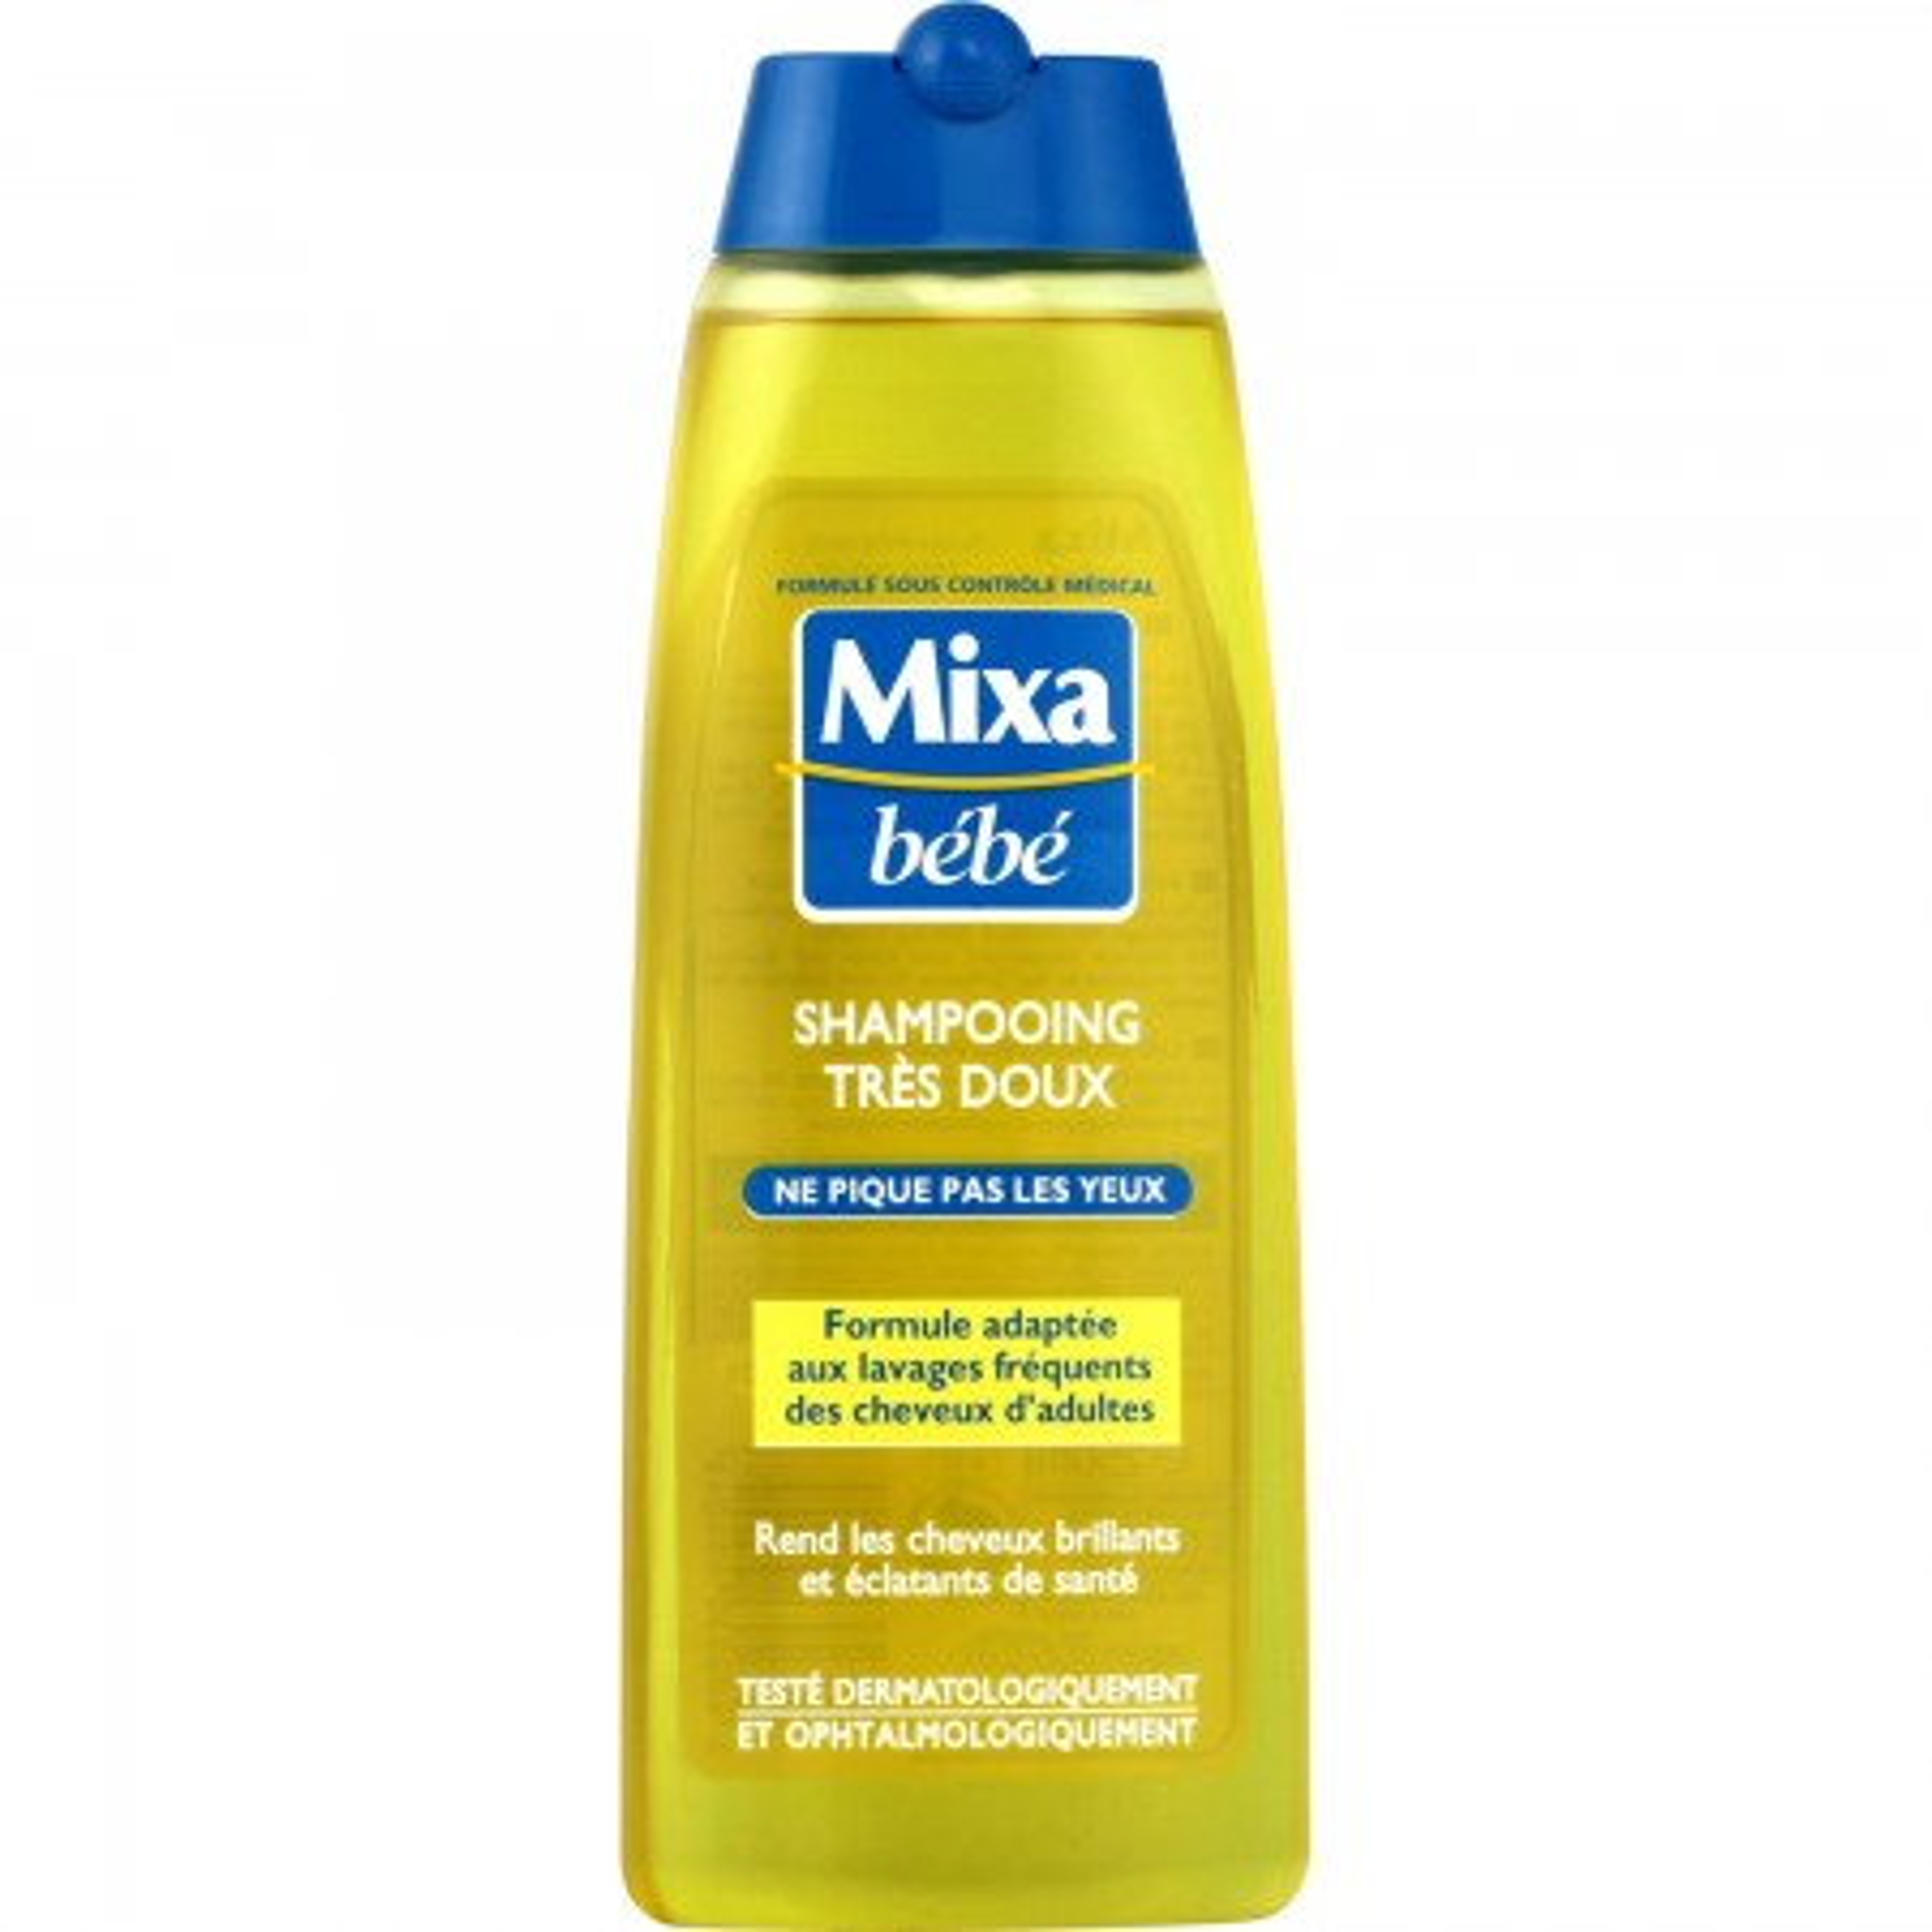 Shampoing mixa bébé